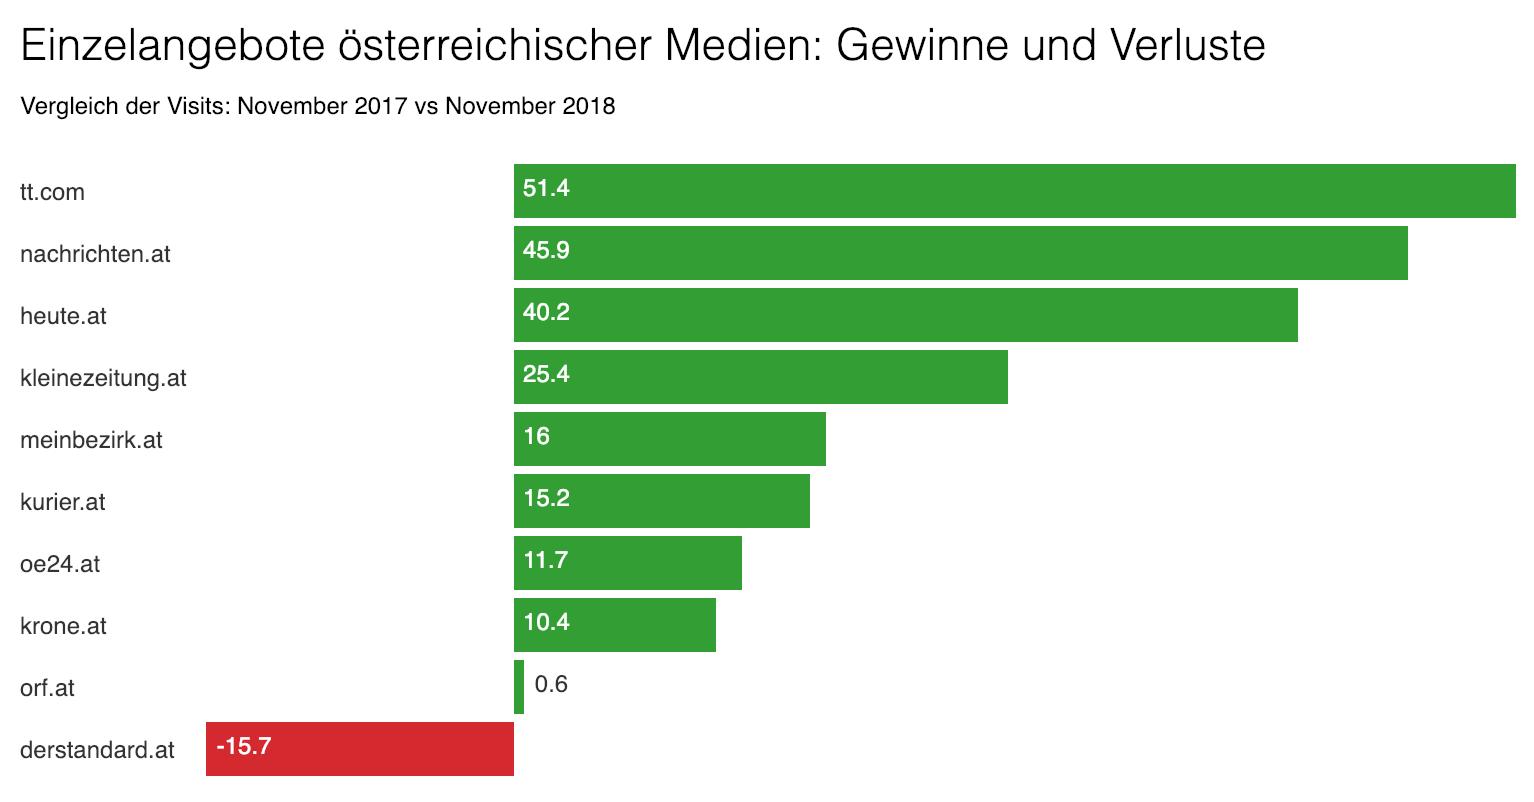 Zugriffszahlen österreichischer Online-Portale